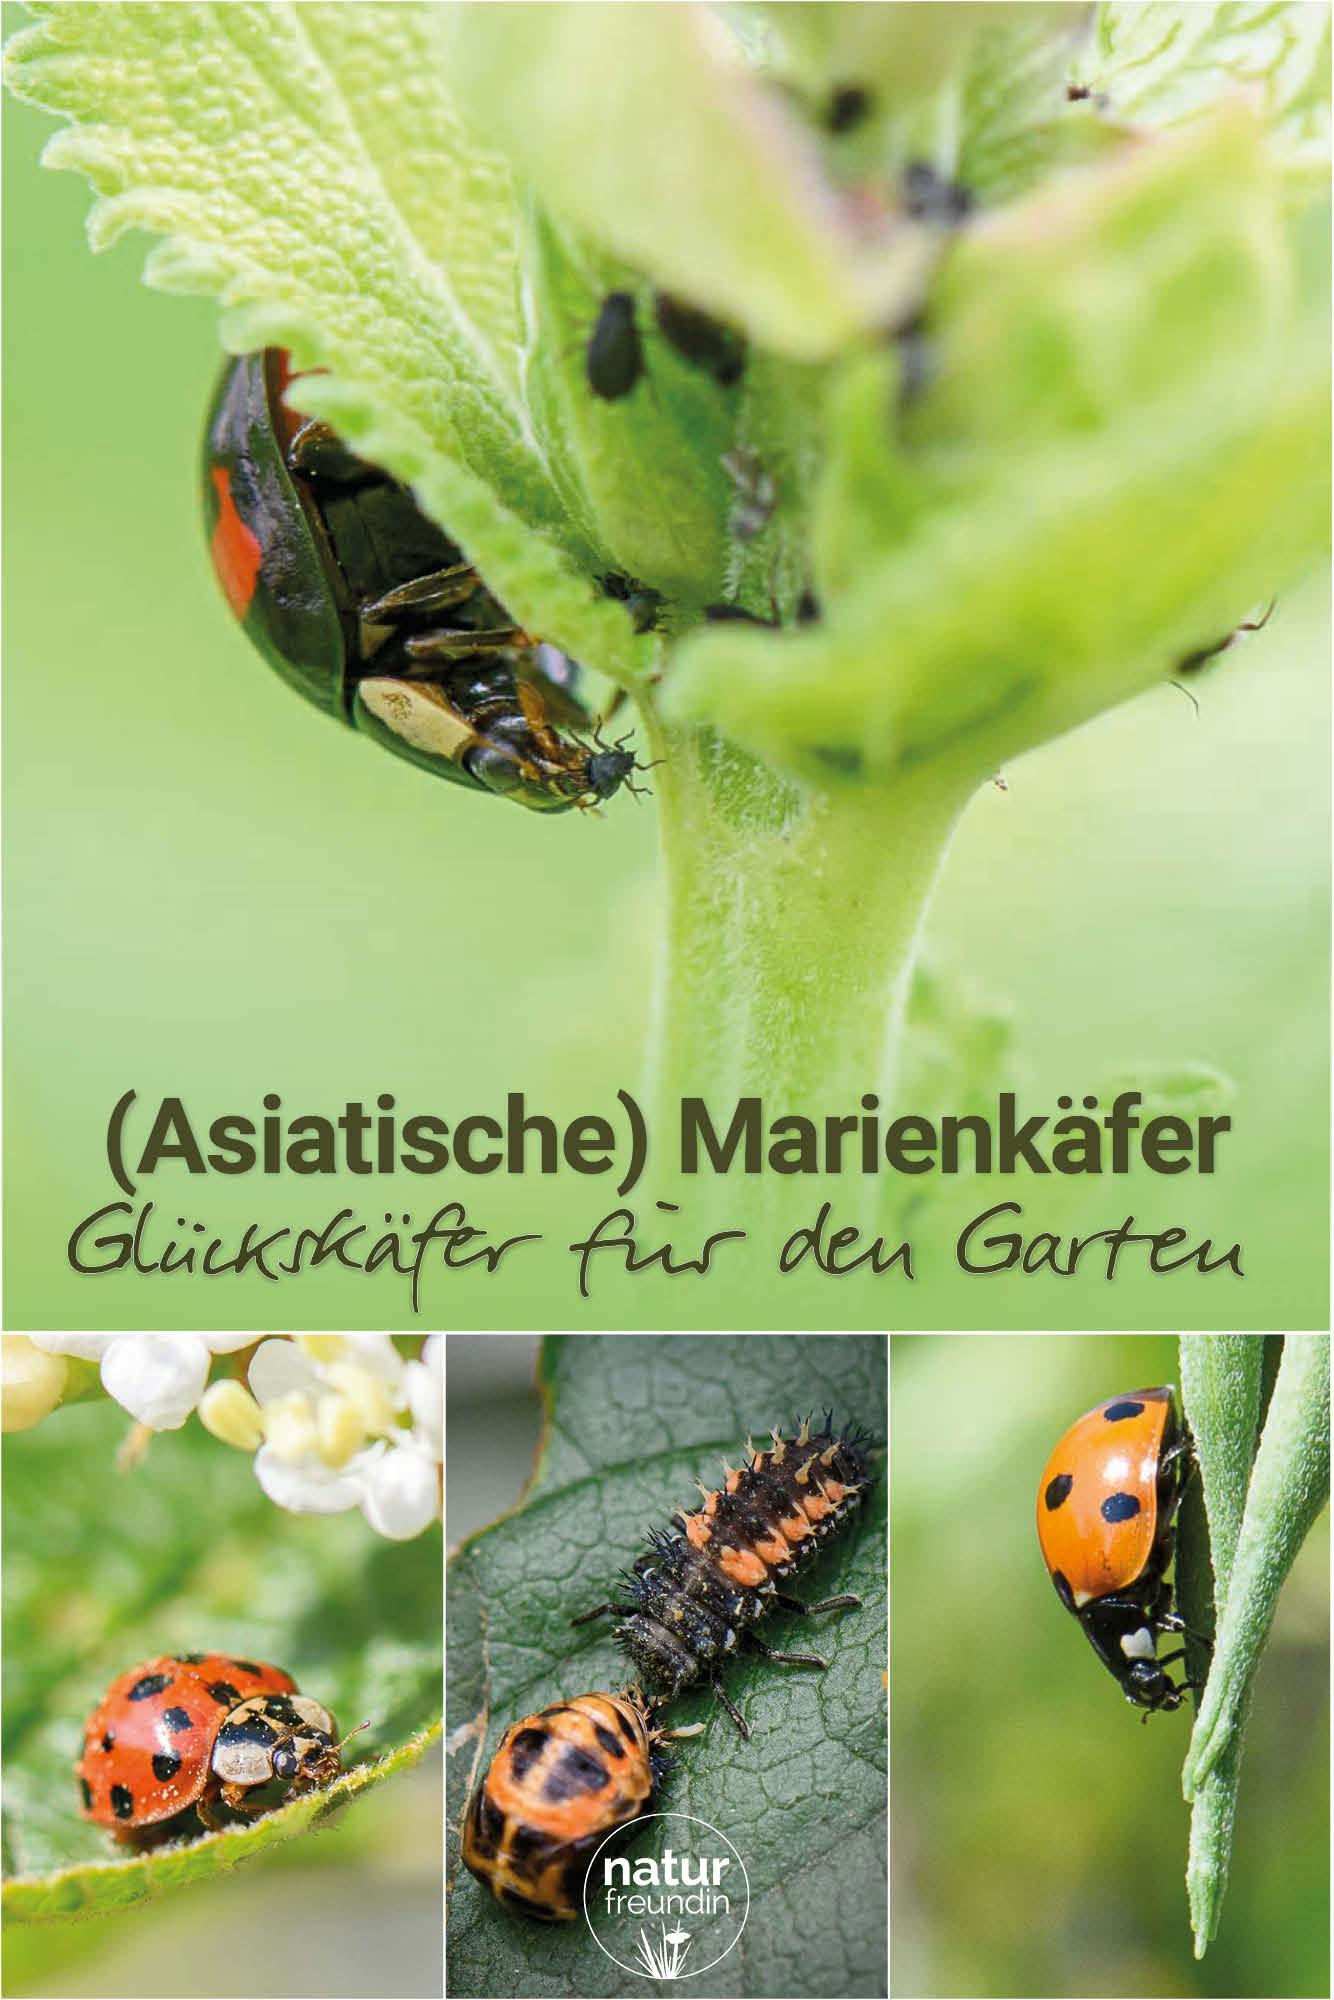 Asiatische und einheimische Marienkäfer